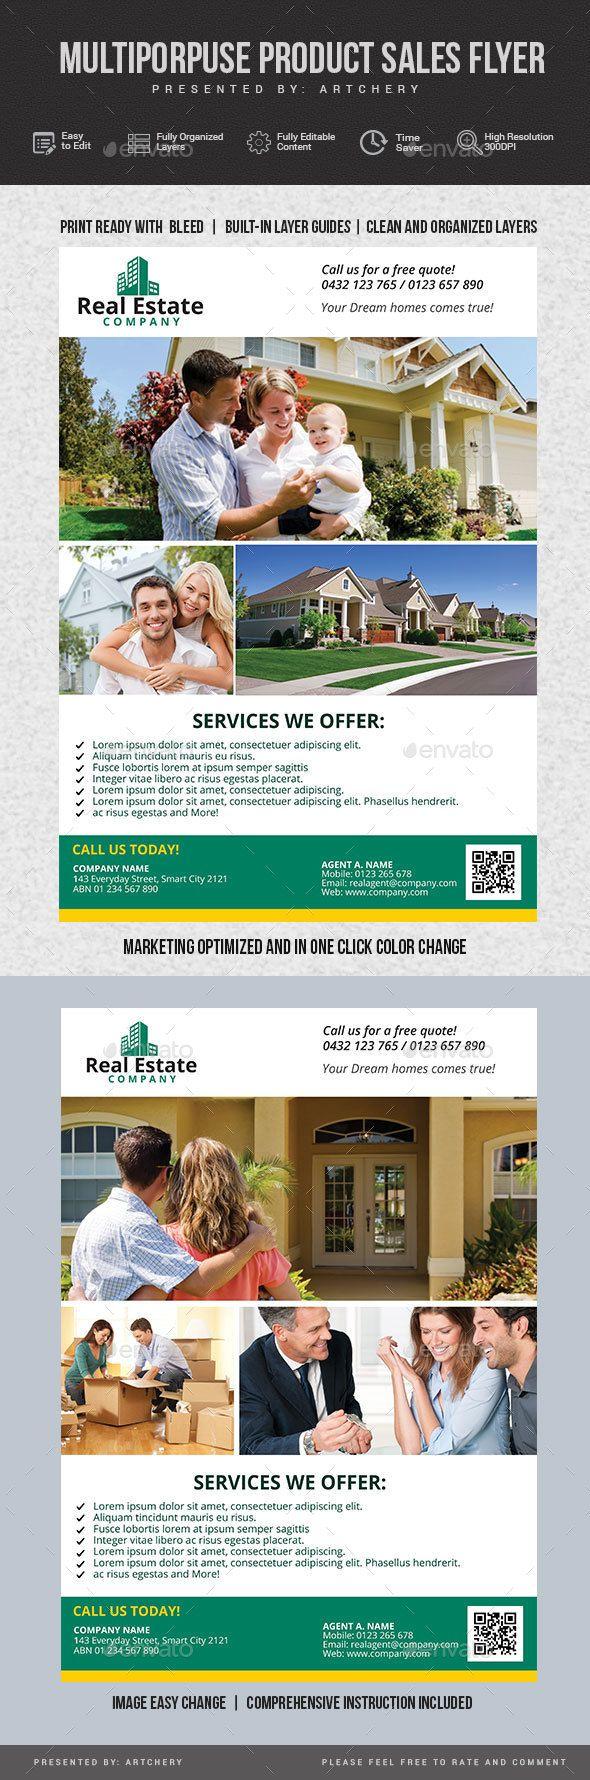 Real Estate Flyer Real estate flyers, Flyer, Real estate